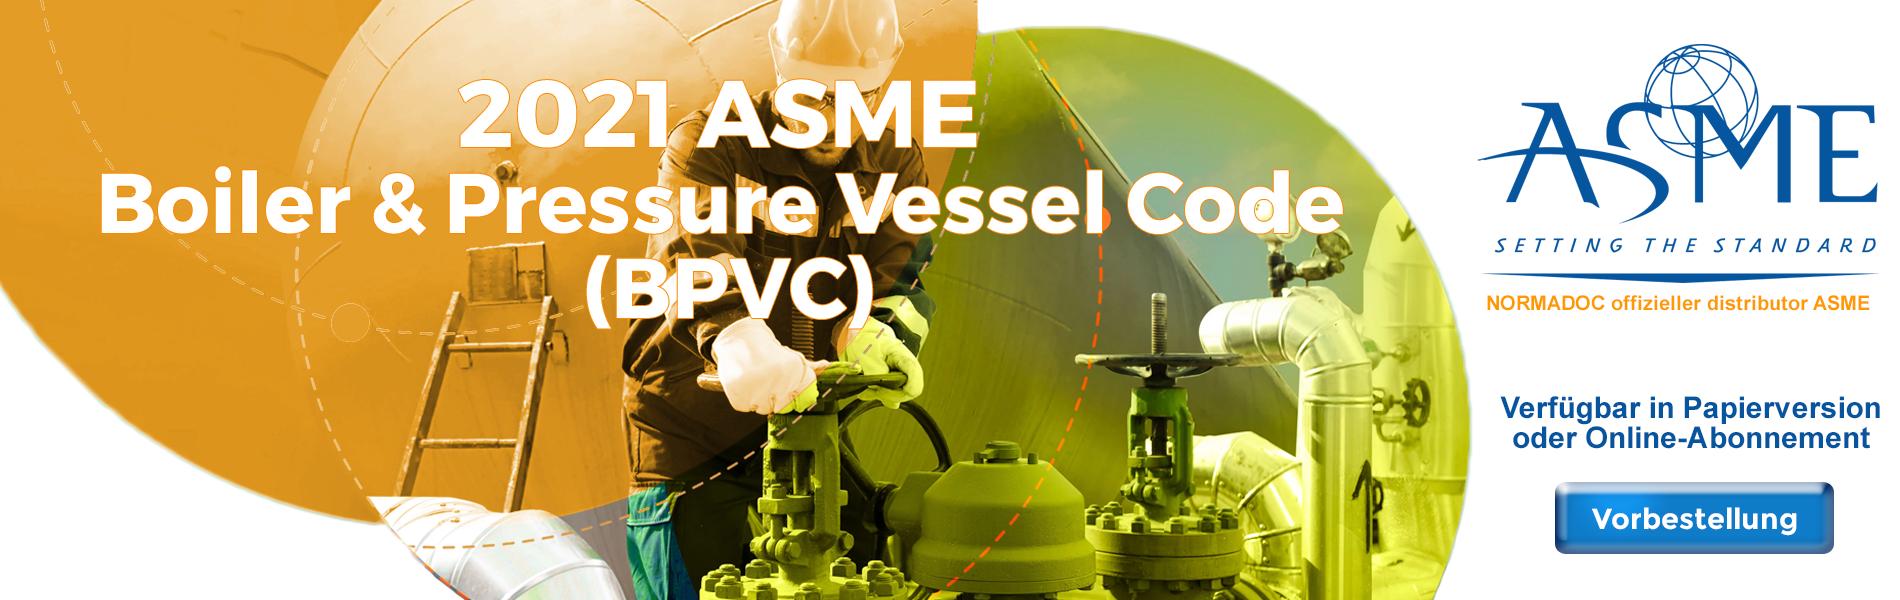 Bandeau-ASME-BPVC-2021-Normadoc-Slider-GE